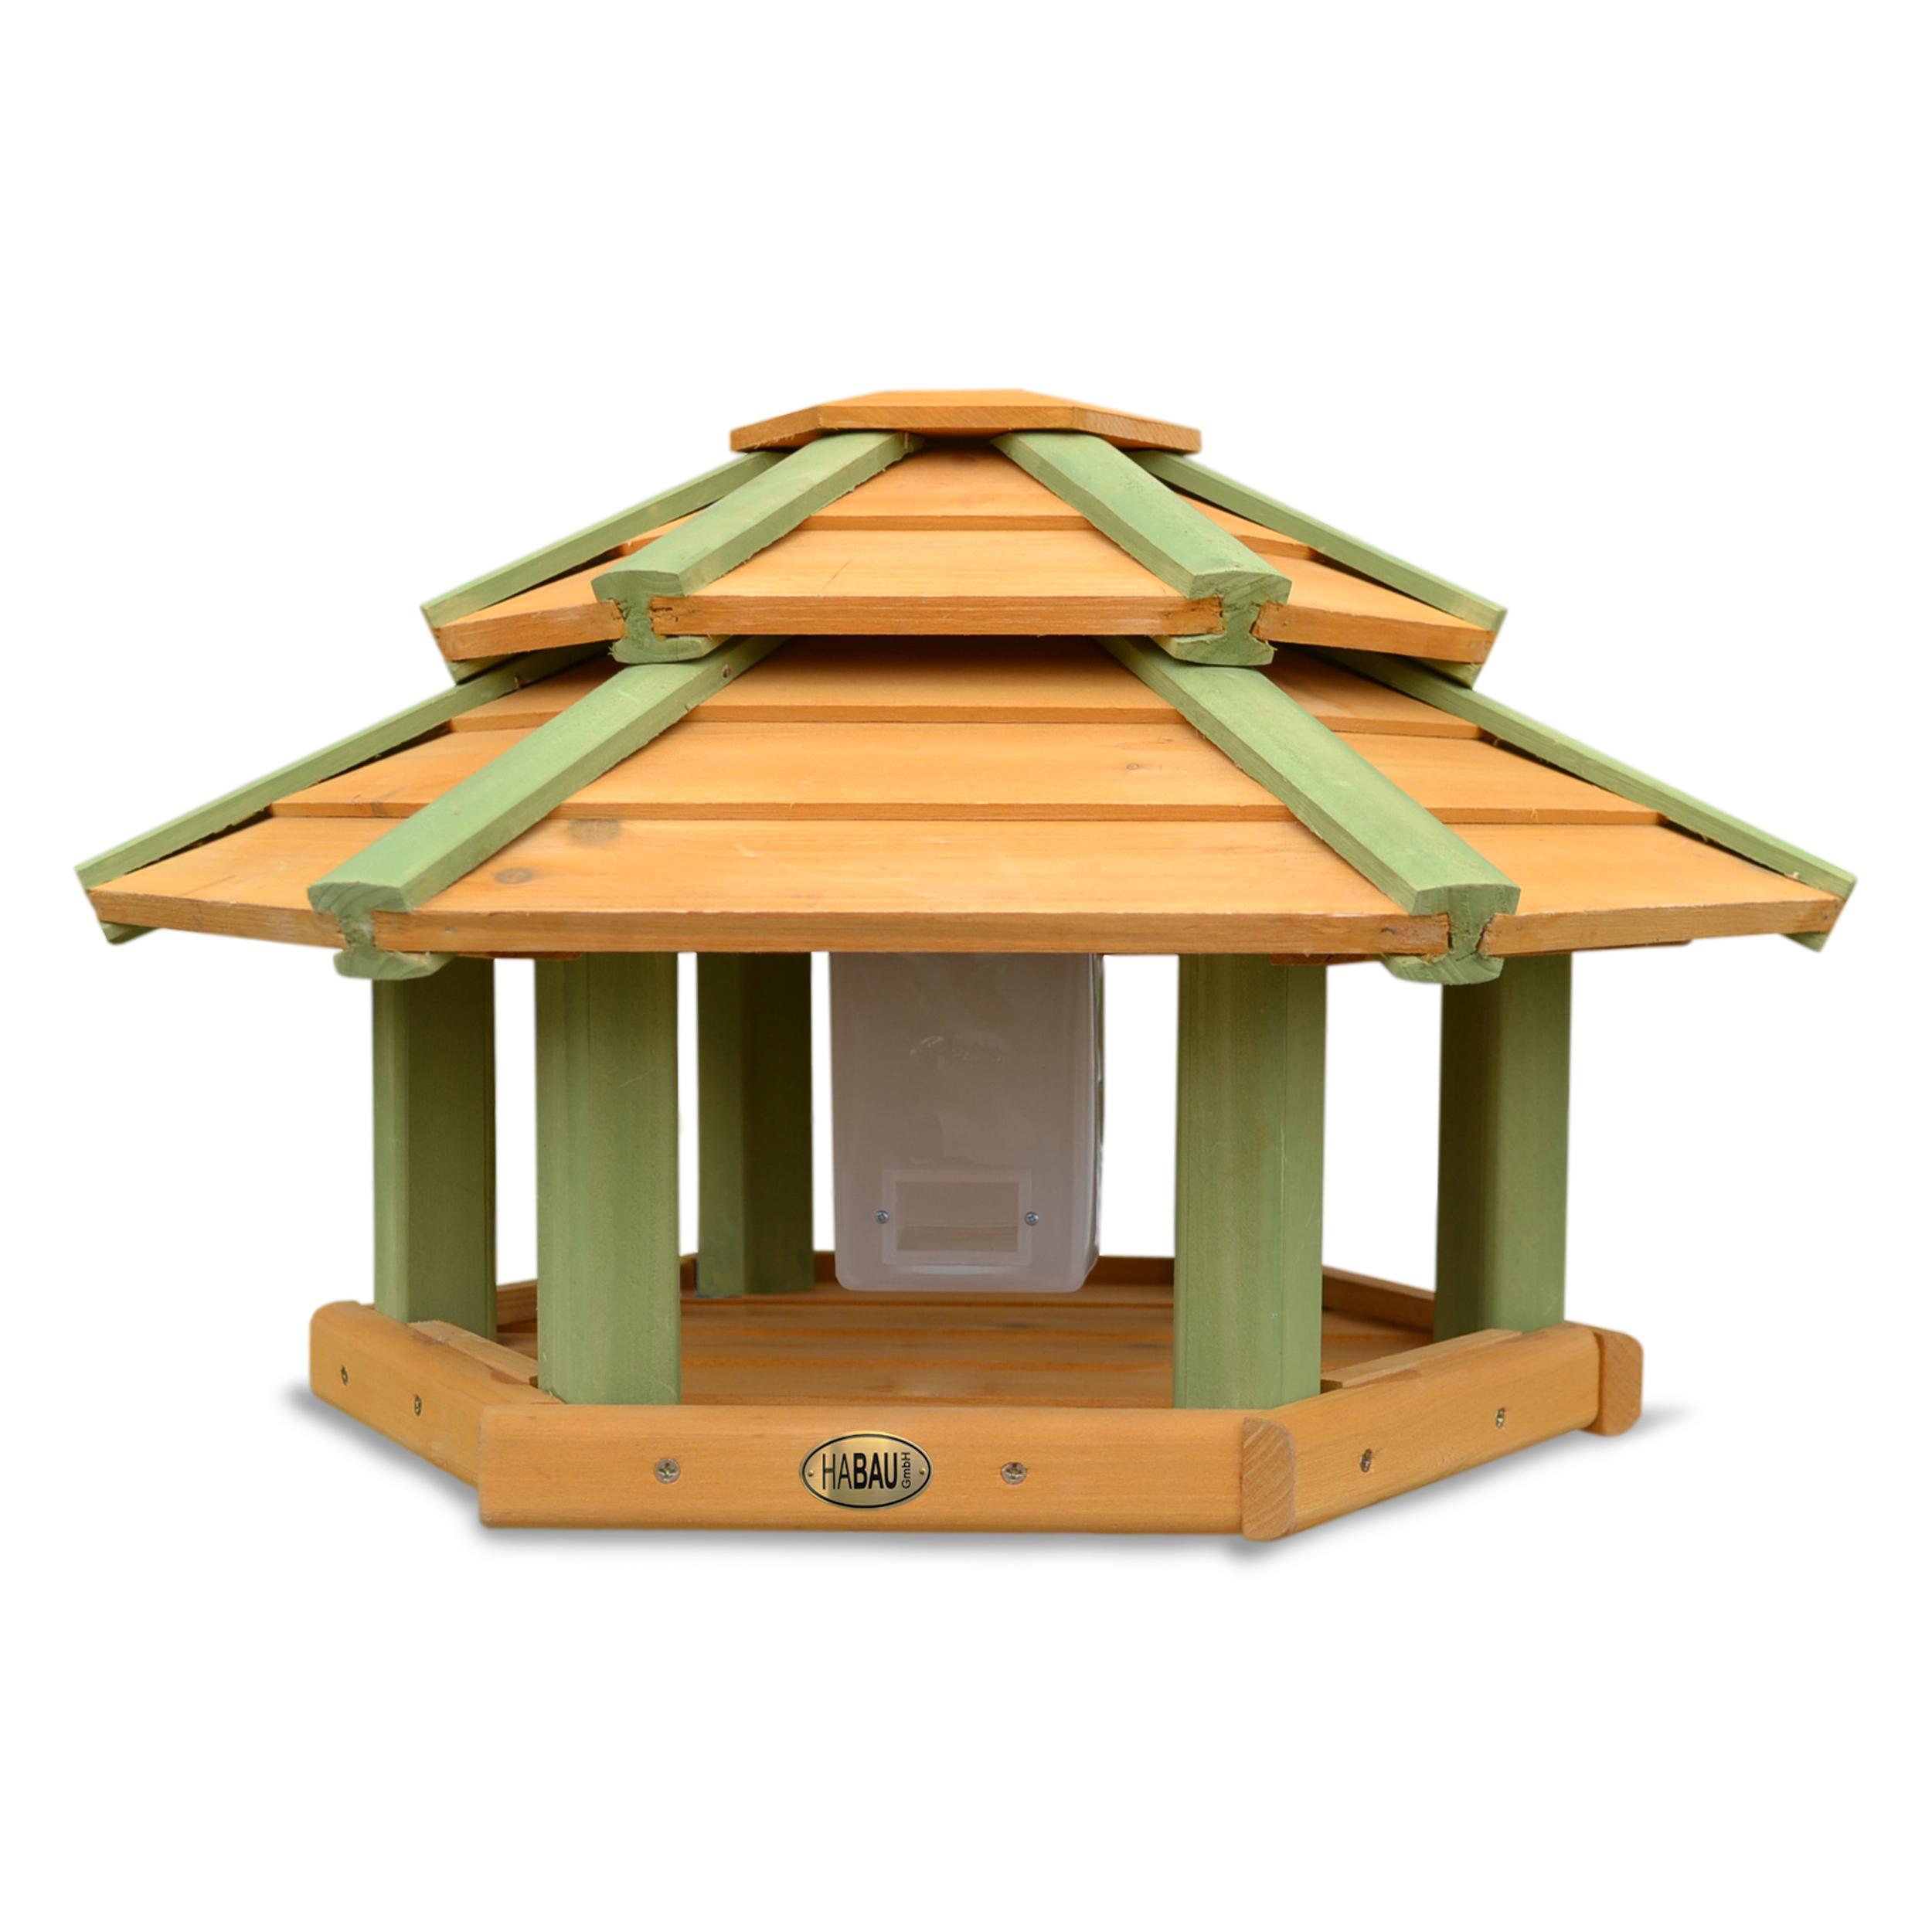 HABAU Vogelhaus Tokyo mit Silo und Standfuß - 2523